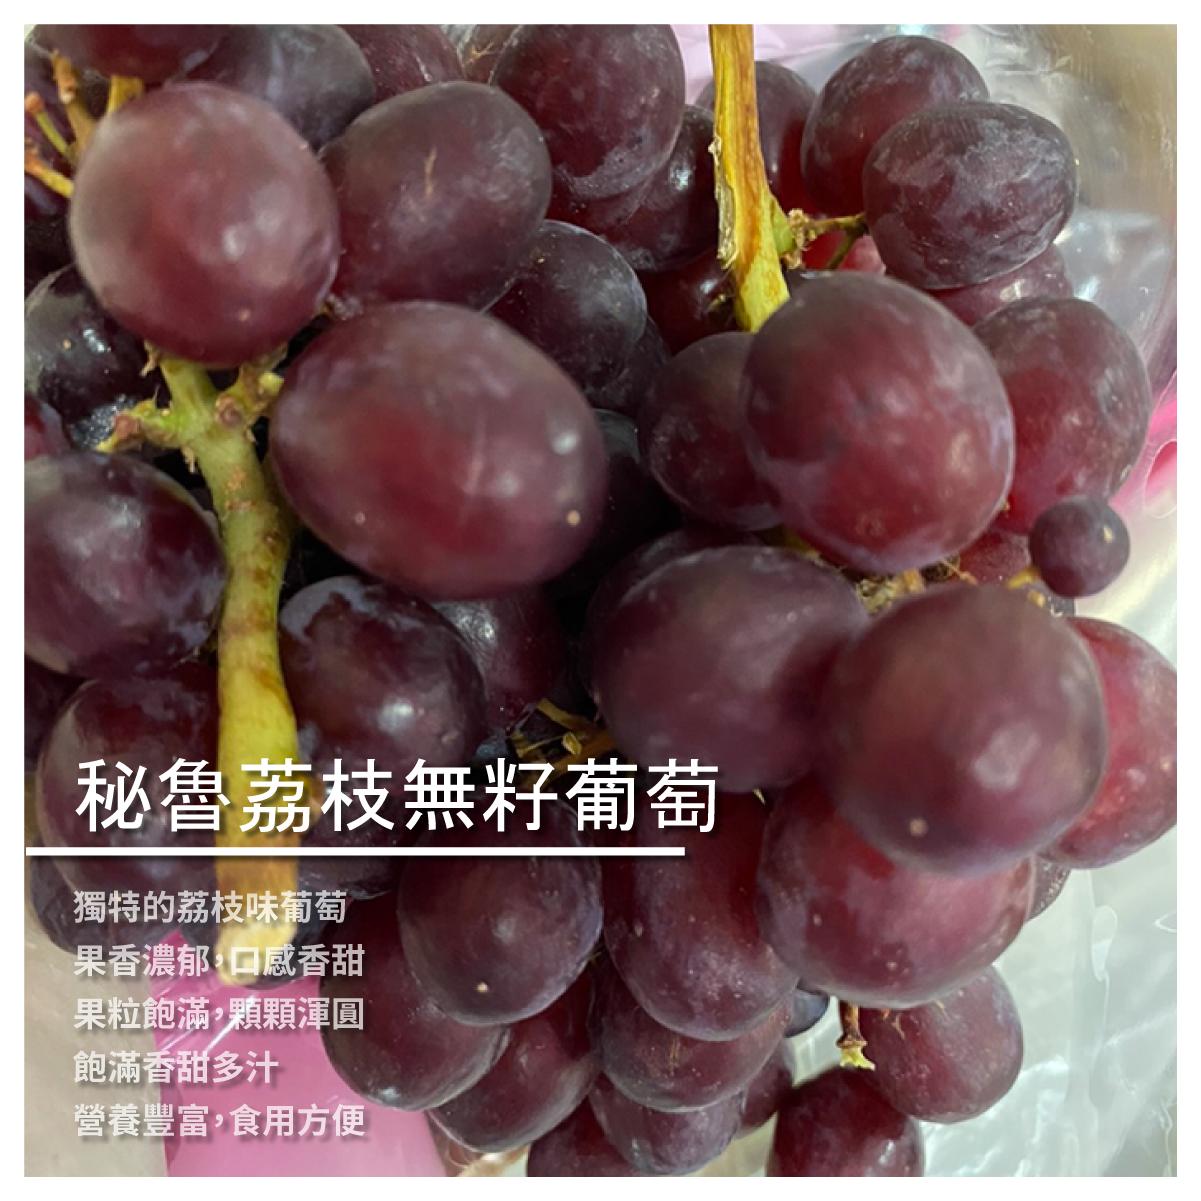 【上憬青果行】秘魯荔枝無籽葡萄 2台斤